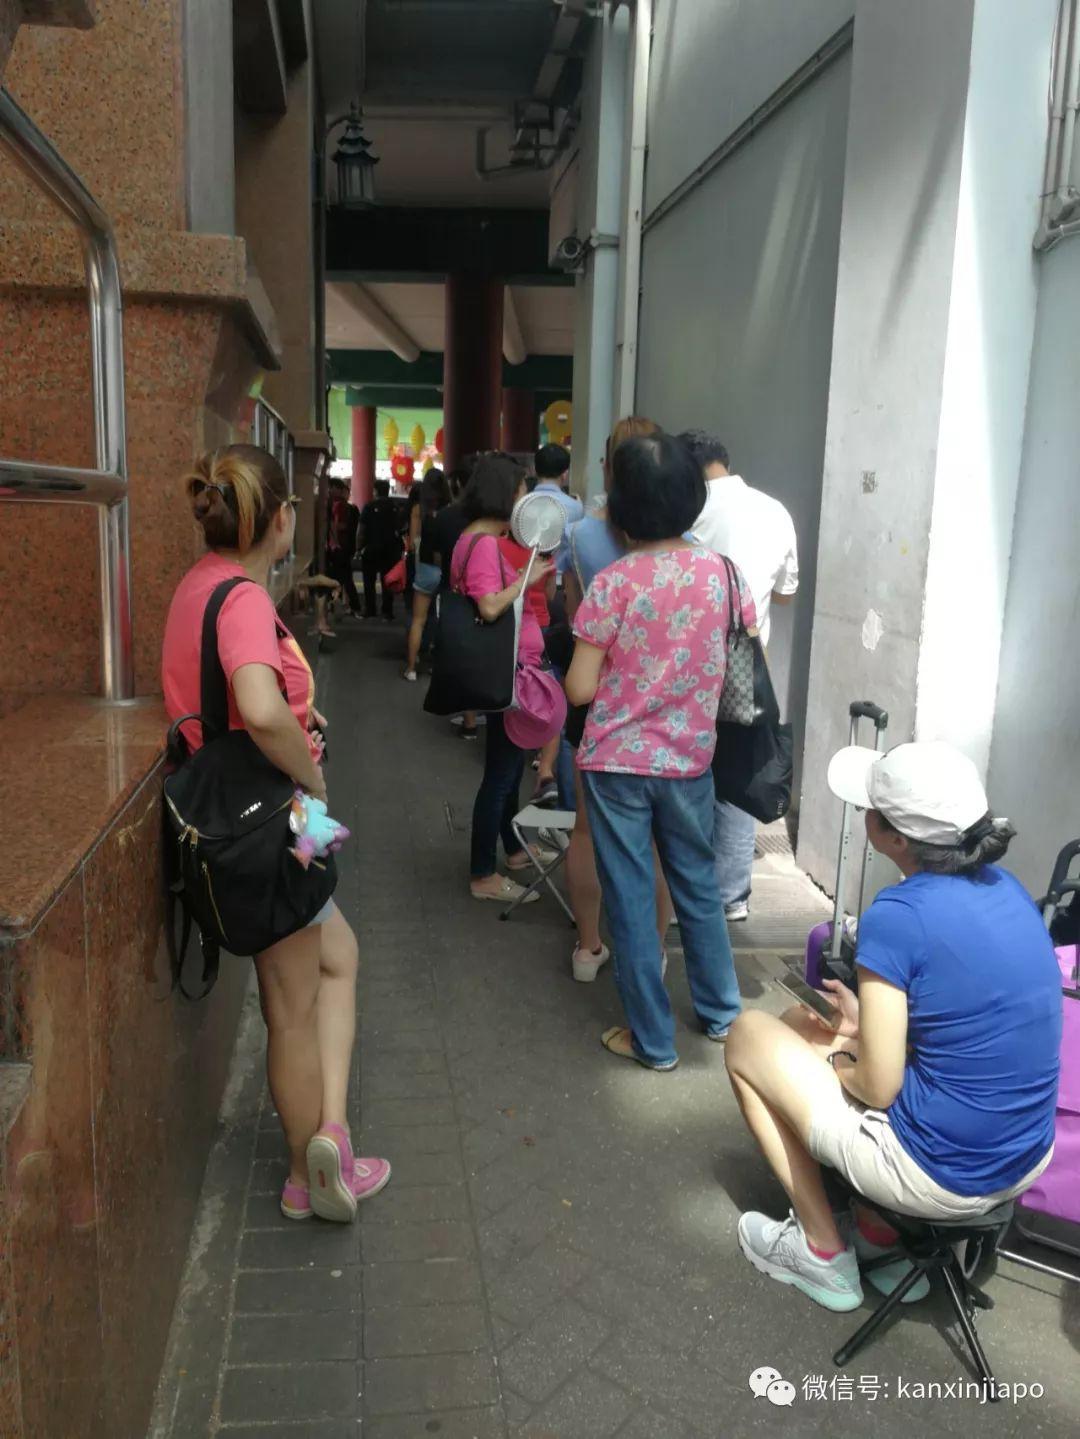 疯狂!为了一片肉干,新加坡人情愿排6个半小时队......